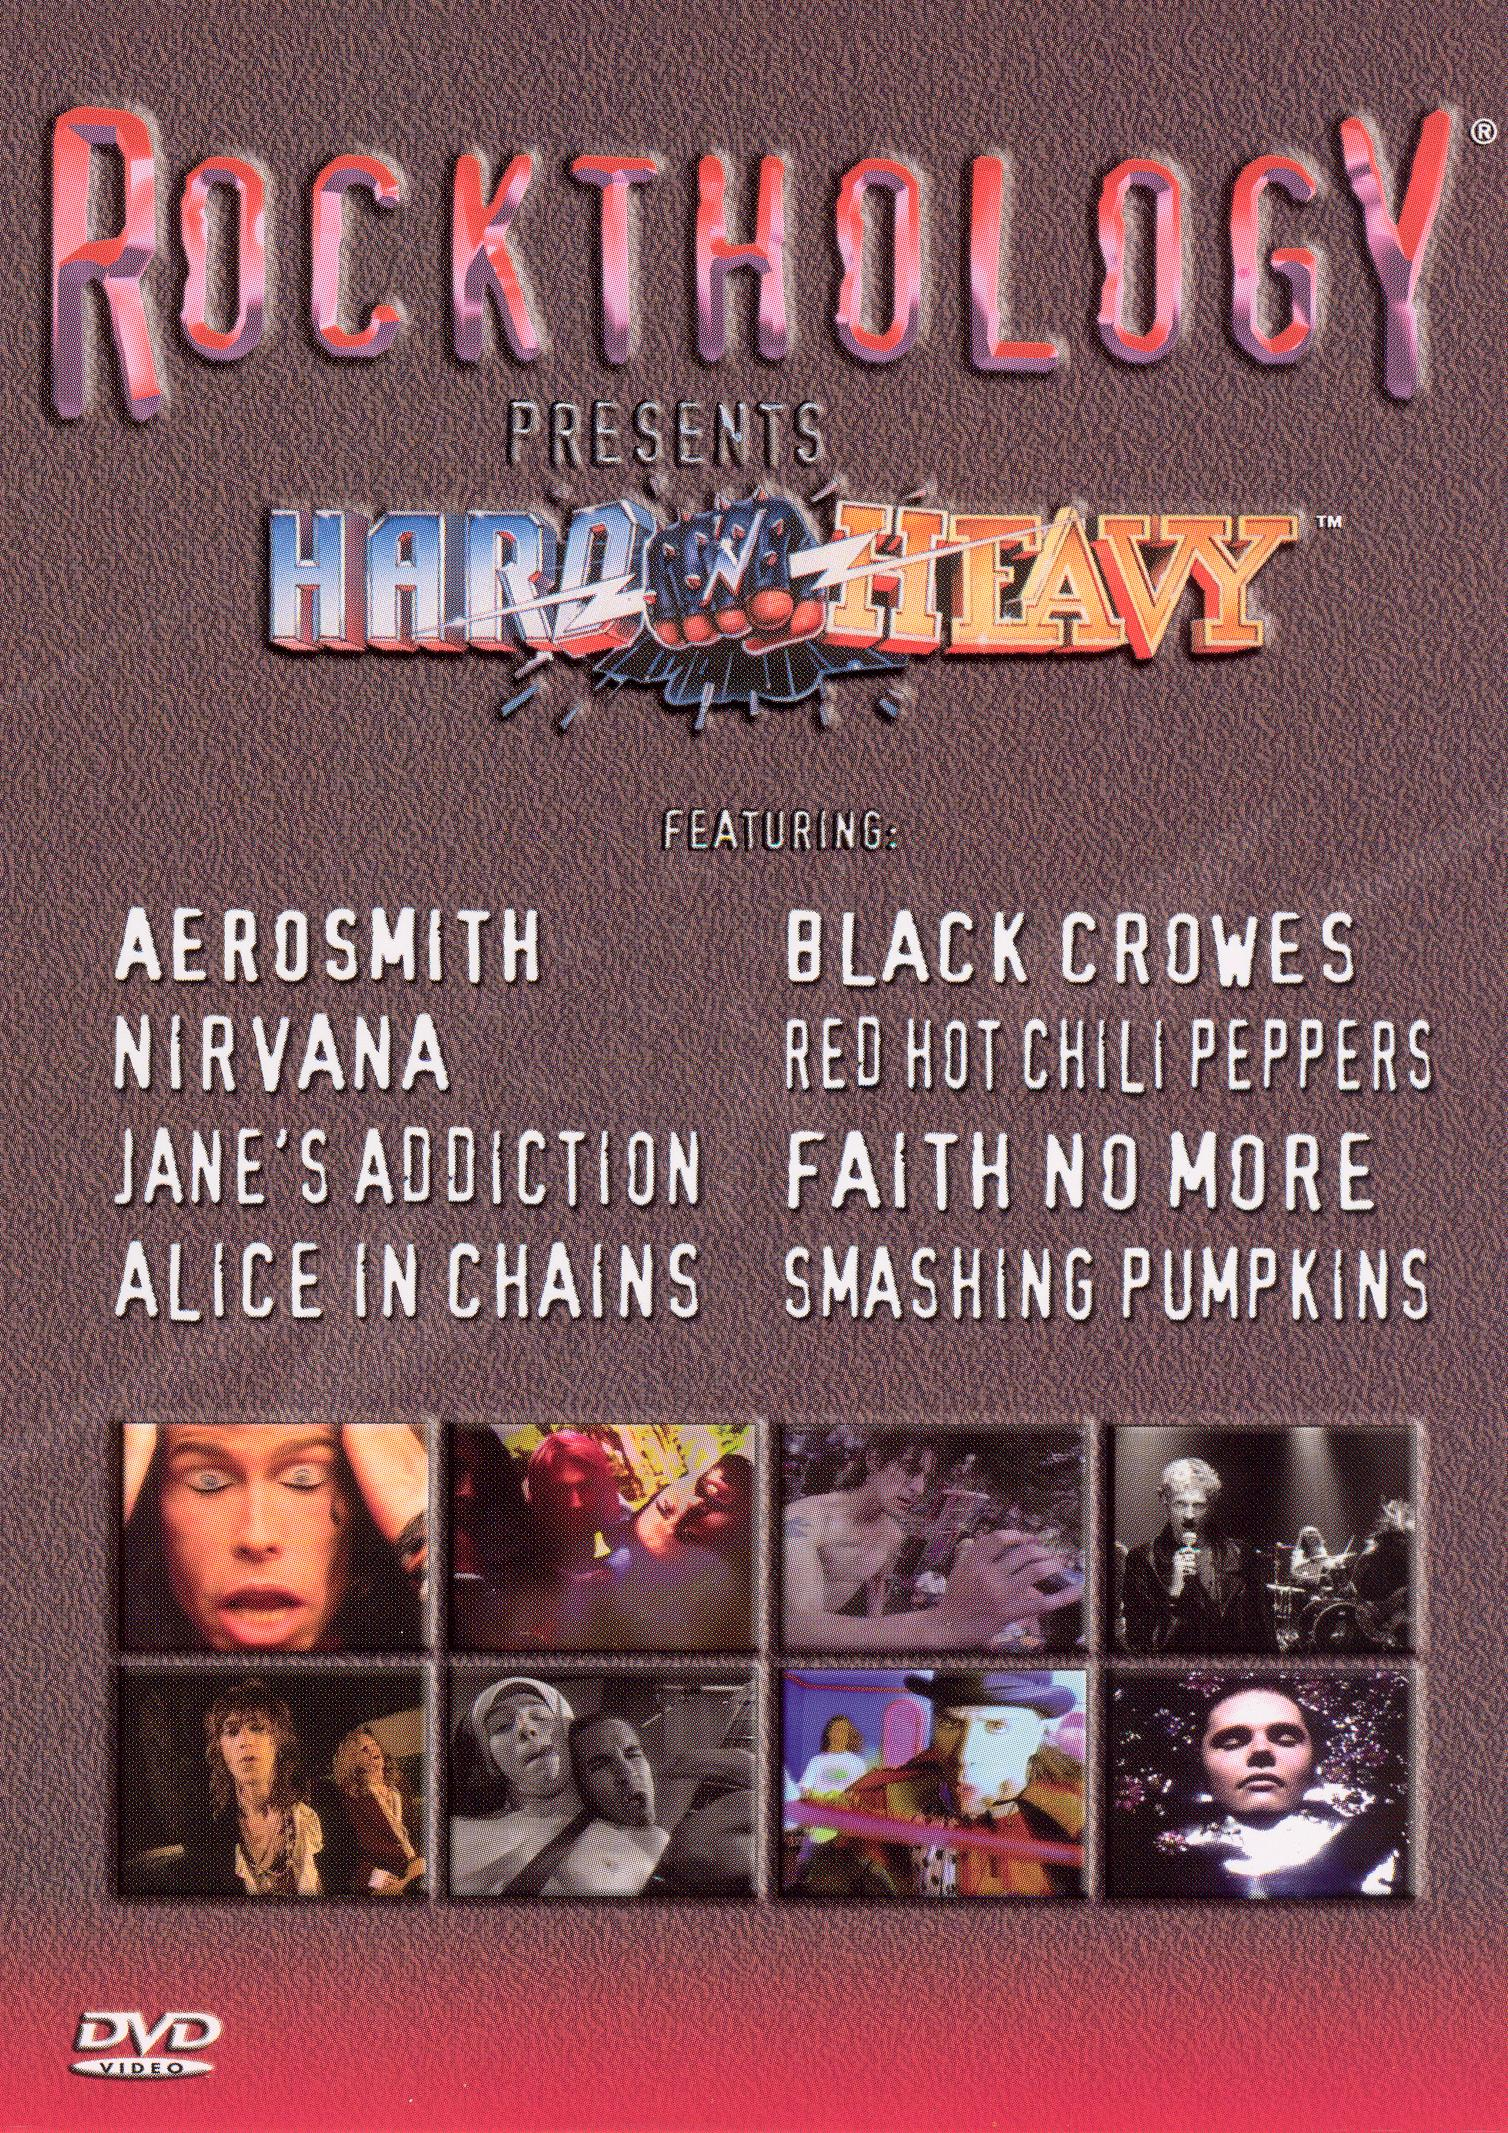 Rockthology Presents: Hard 'N' Heavy, Vol. 1